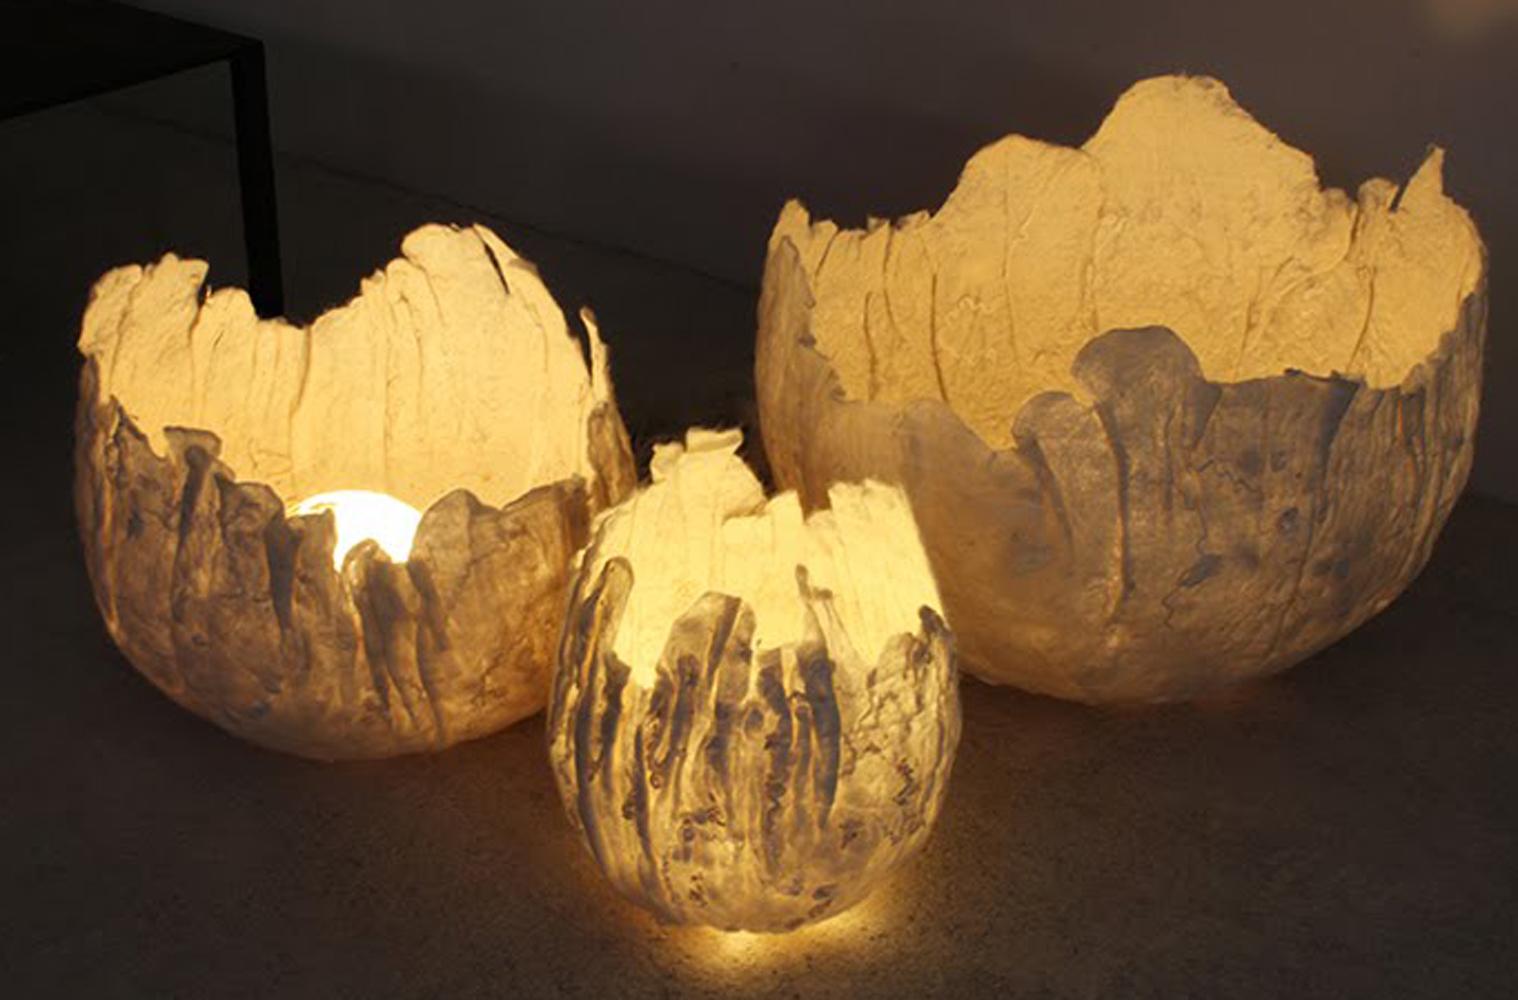 مصابيح FELT: مصنوعة يدويًا بشكل طبيعي! – homestyleblogs.com